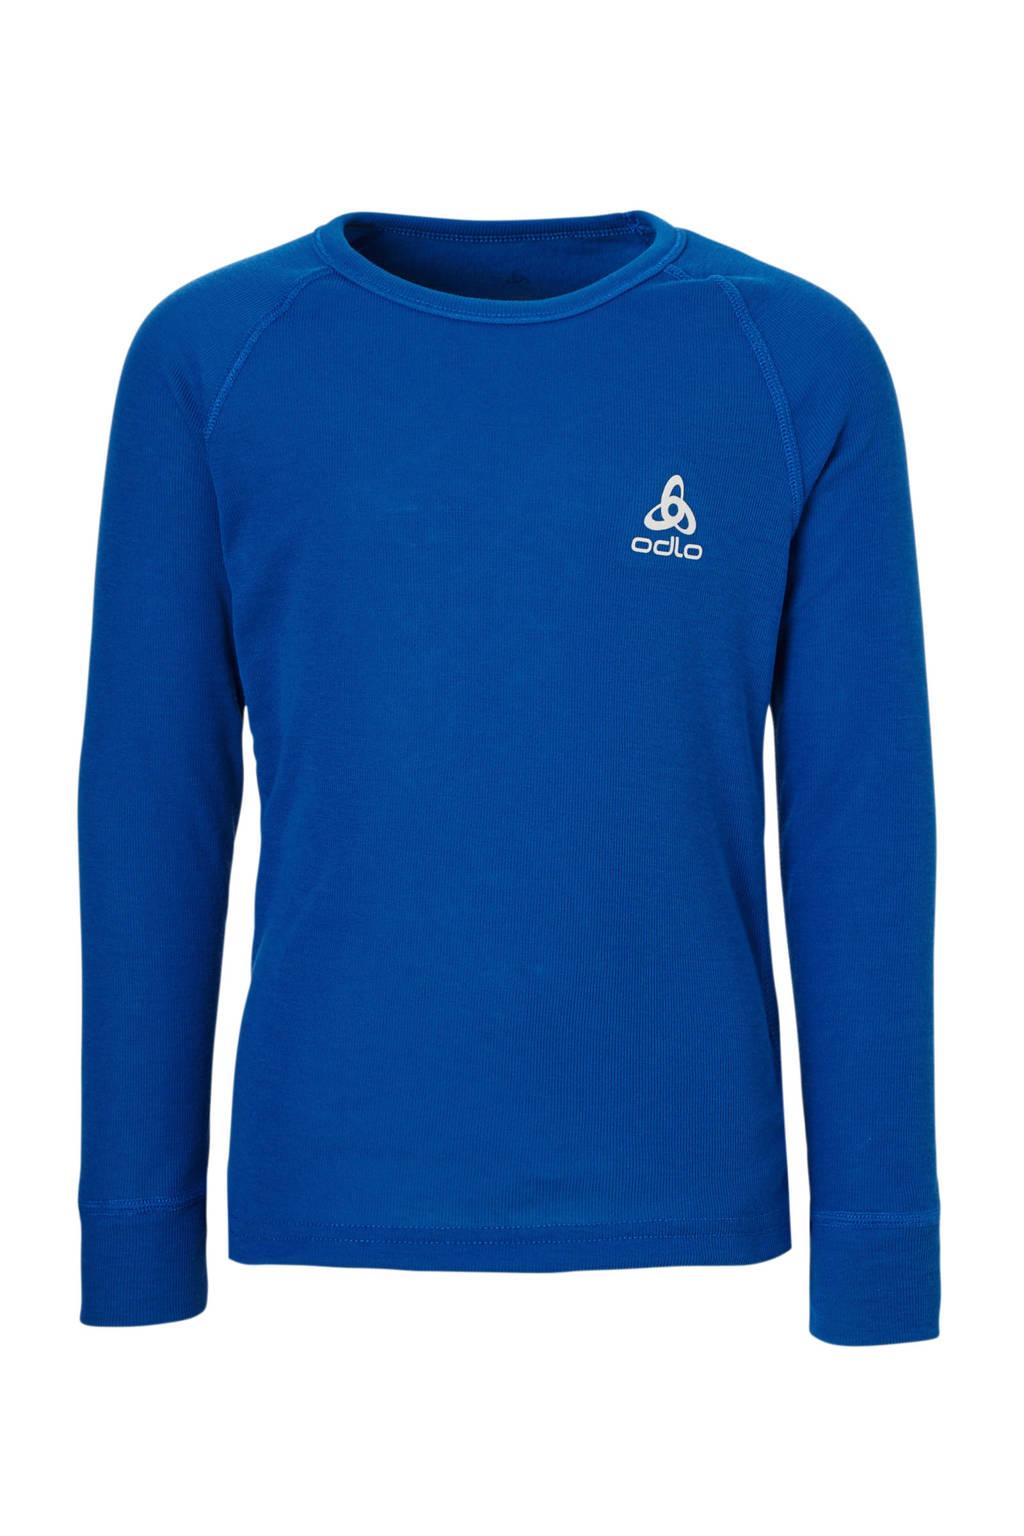 Odlo thermo sport T-shirt blauw, Blauw